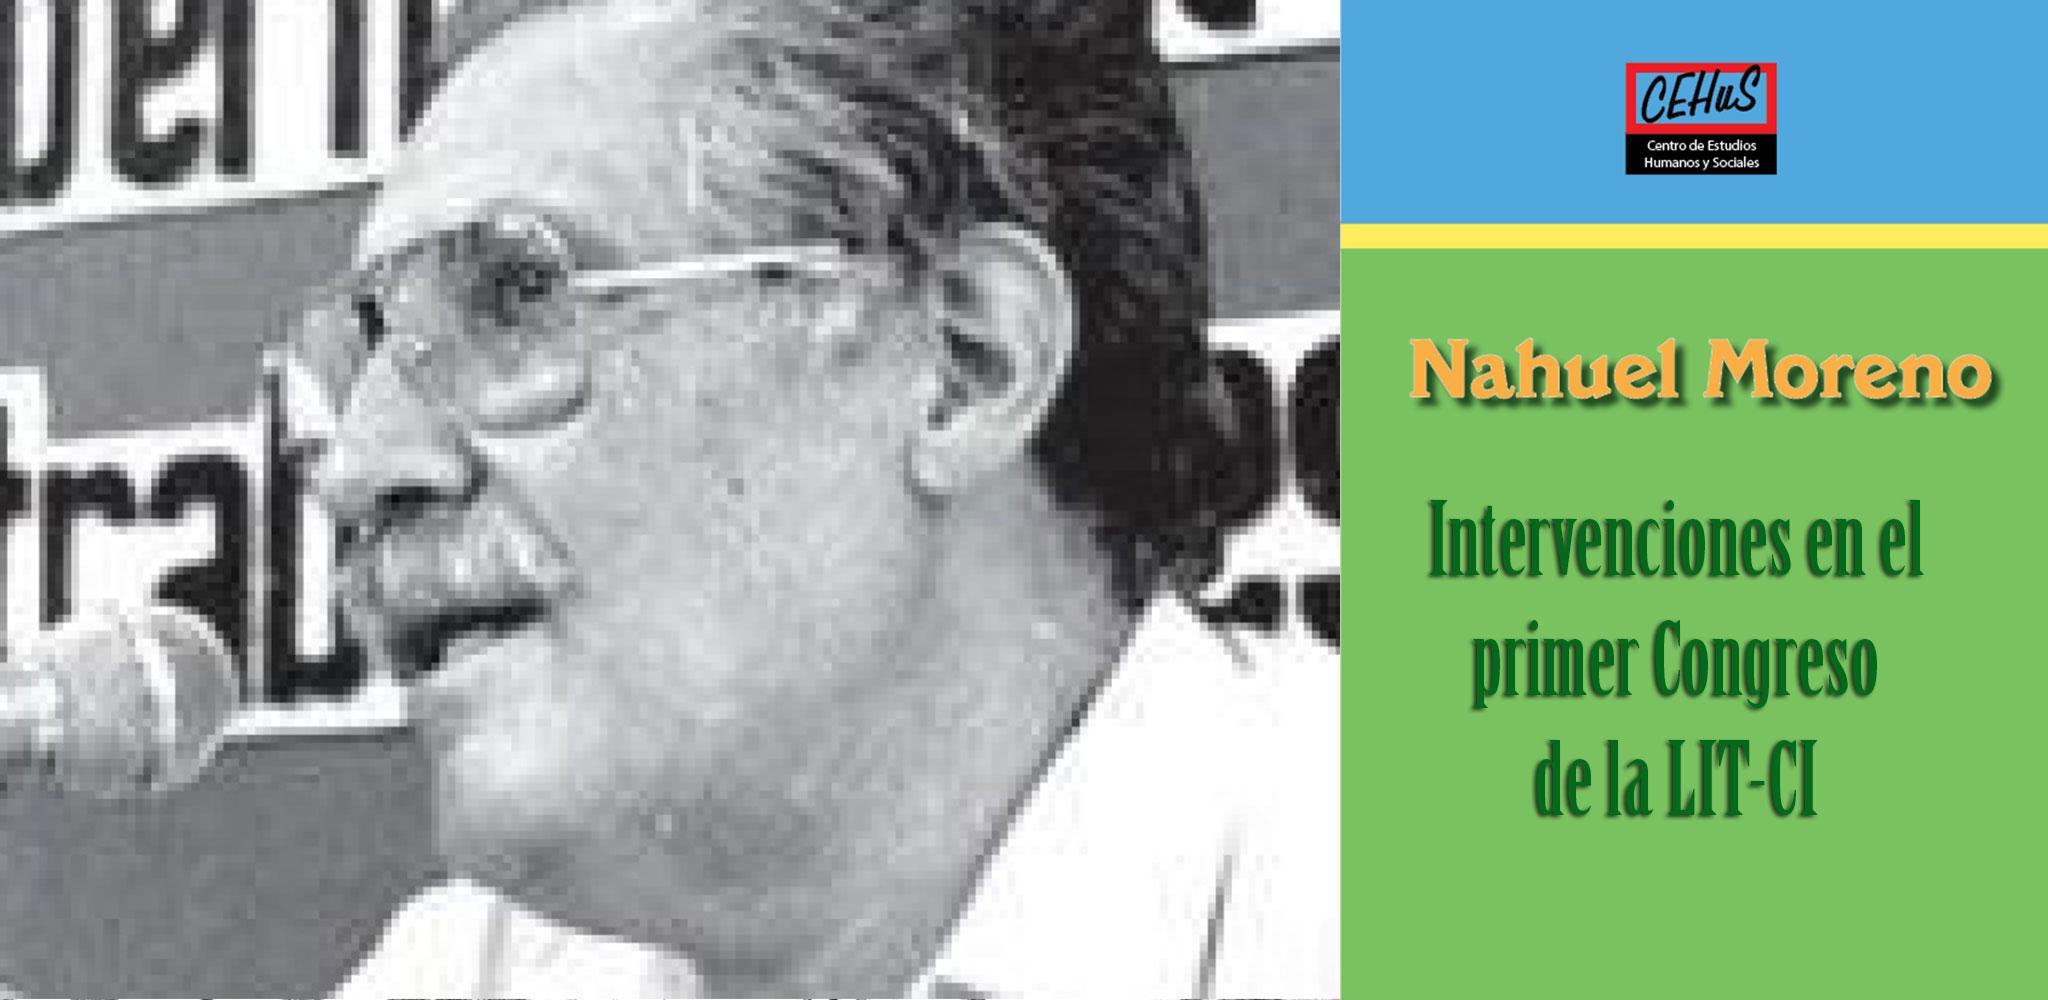 INTERVENCIONES EN EL PRIMER CONGRESO DE LA LIT-CI (1985)